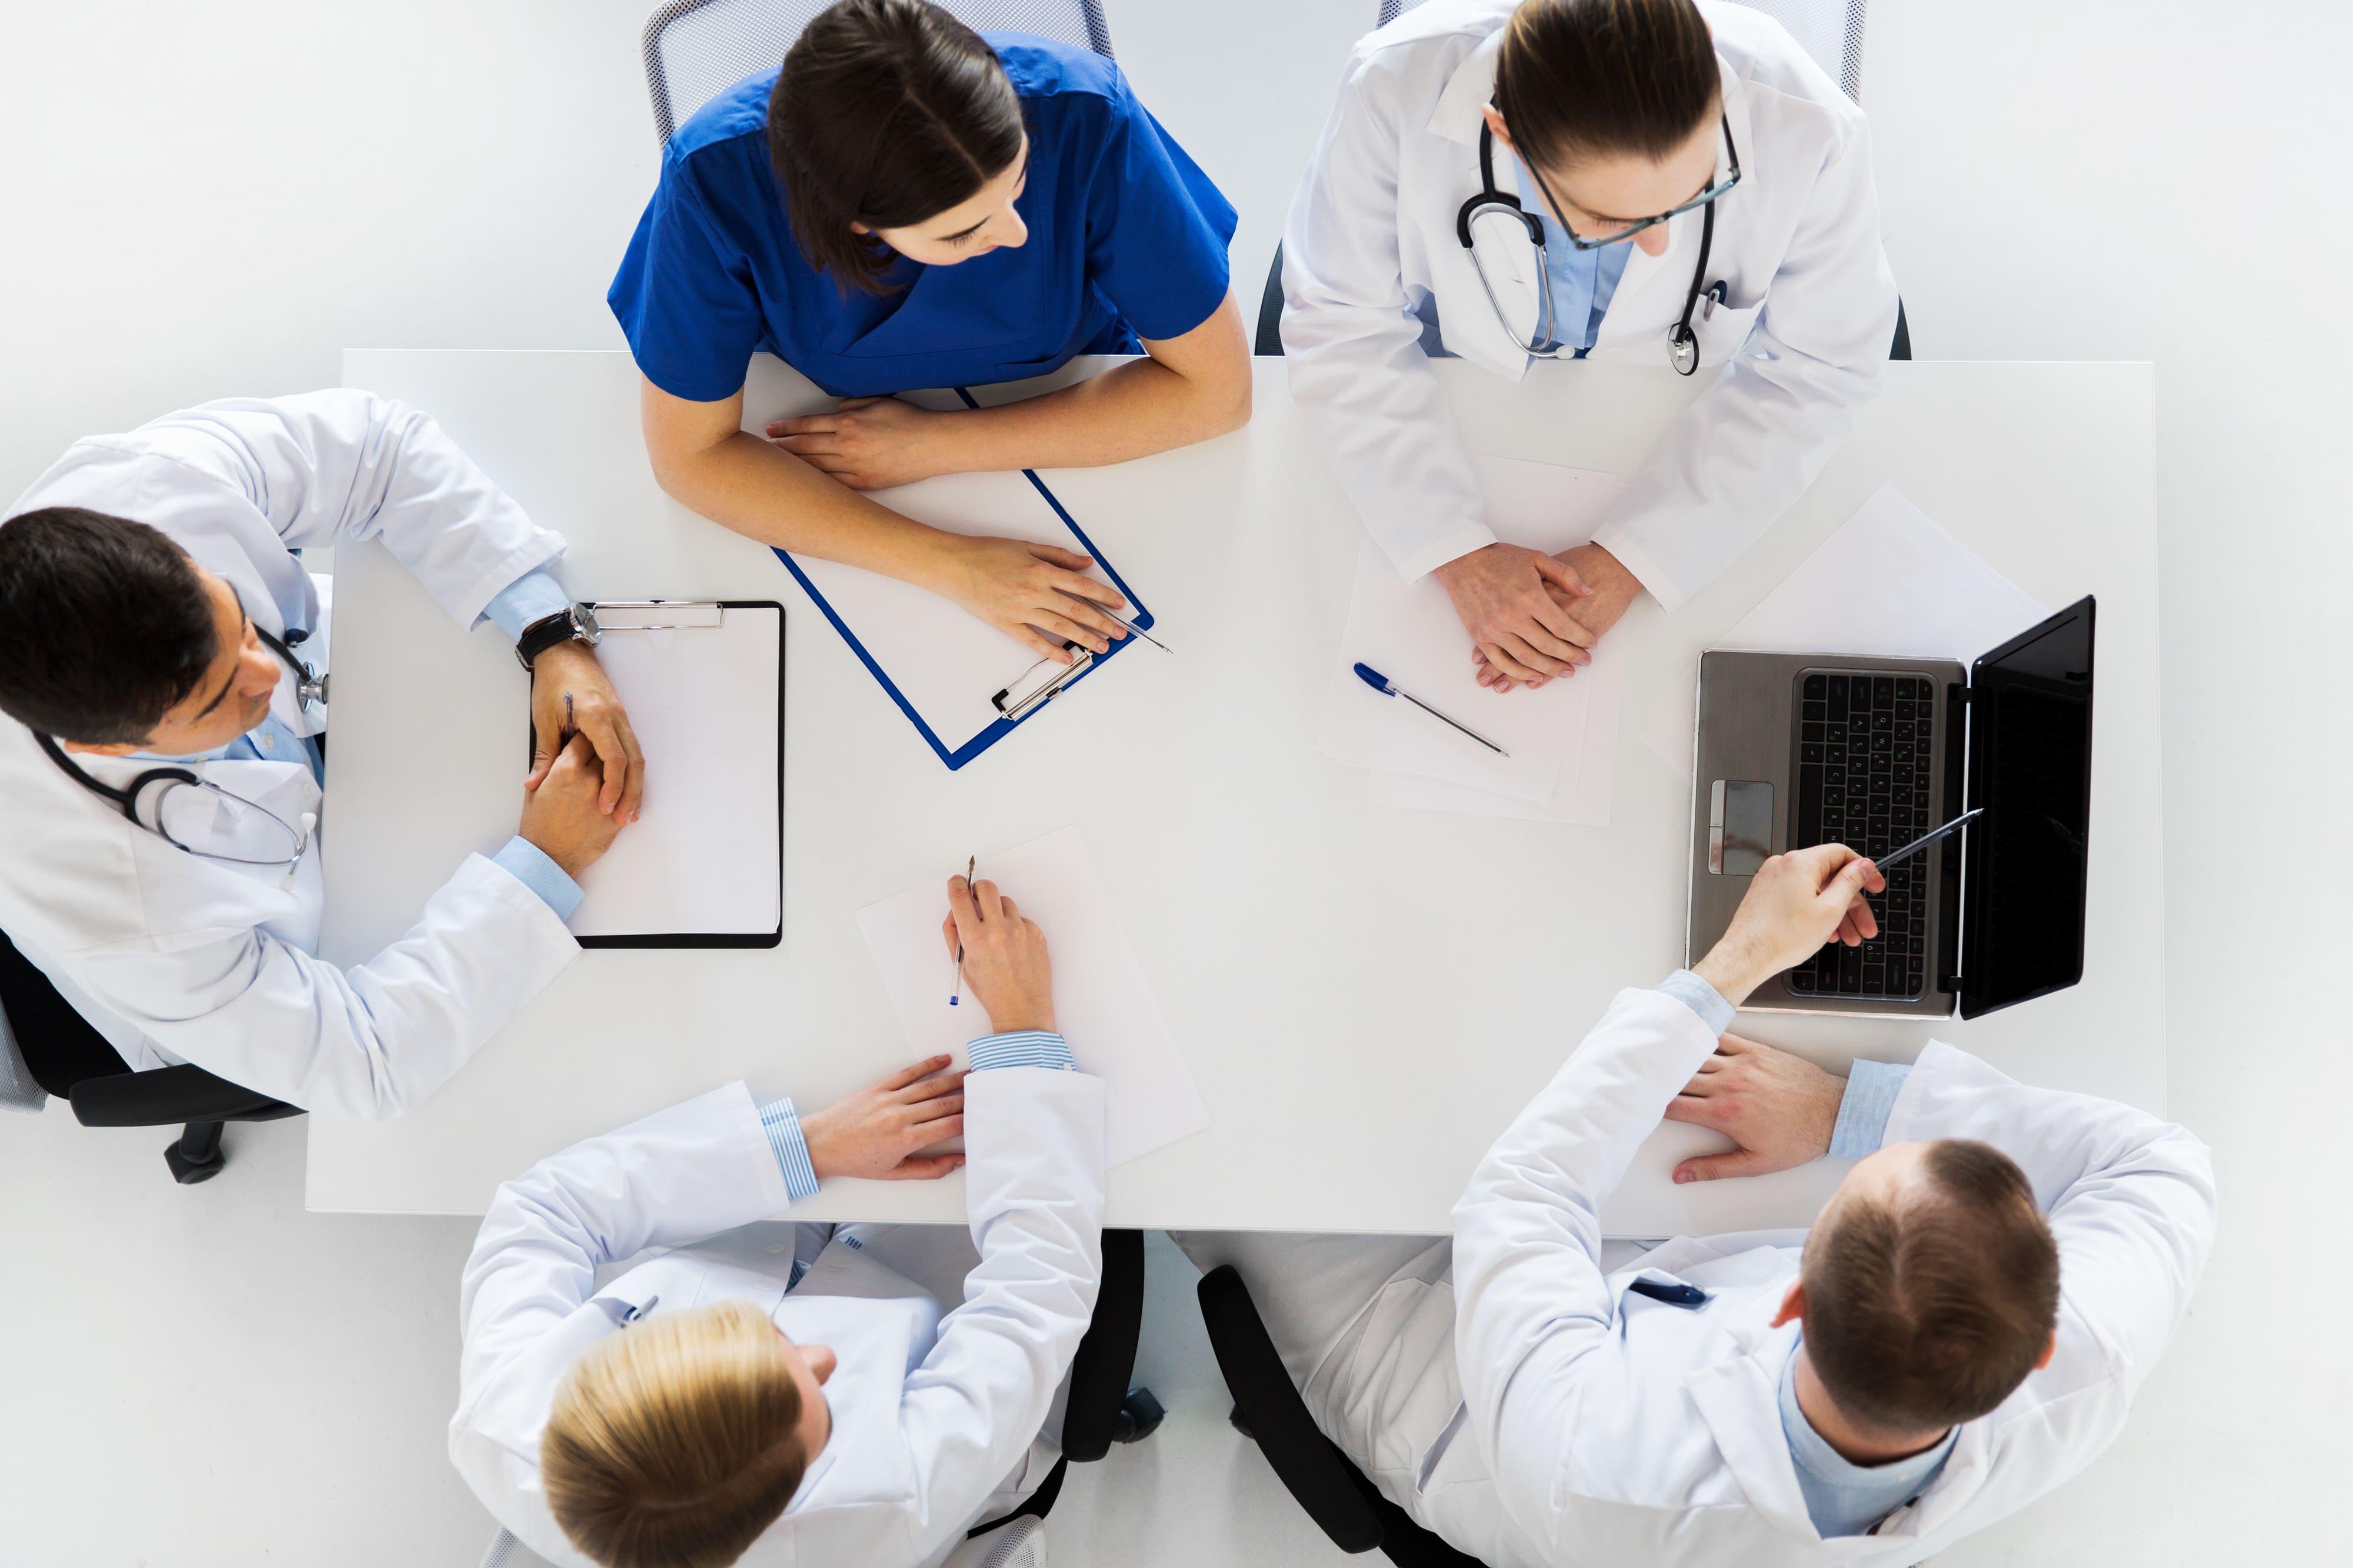 臨床倫理はどのように実践するのか? ――その目標と具体策